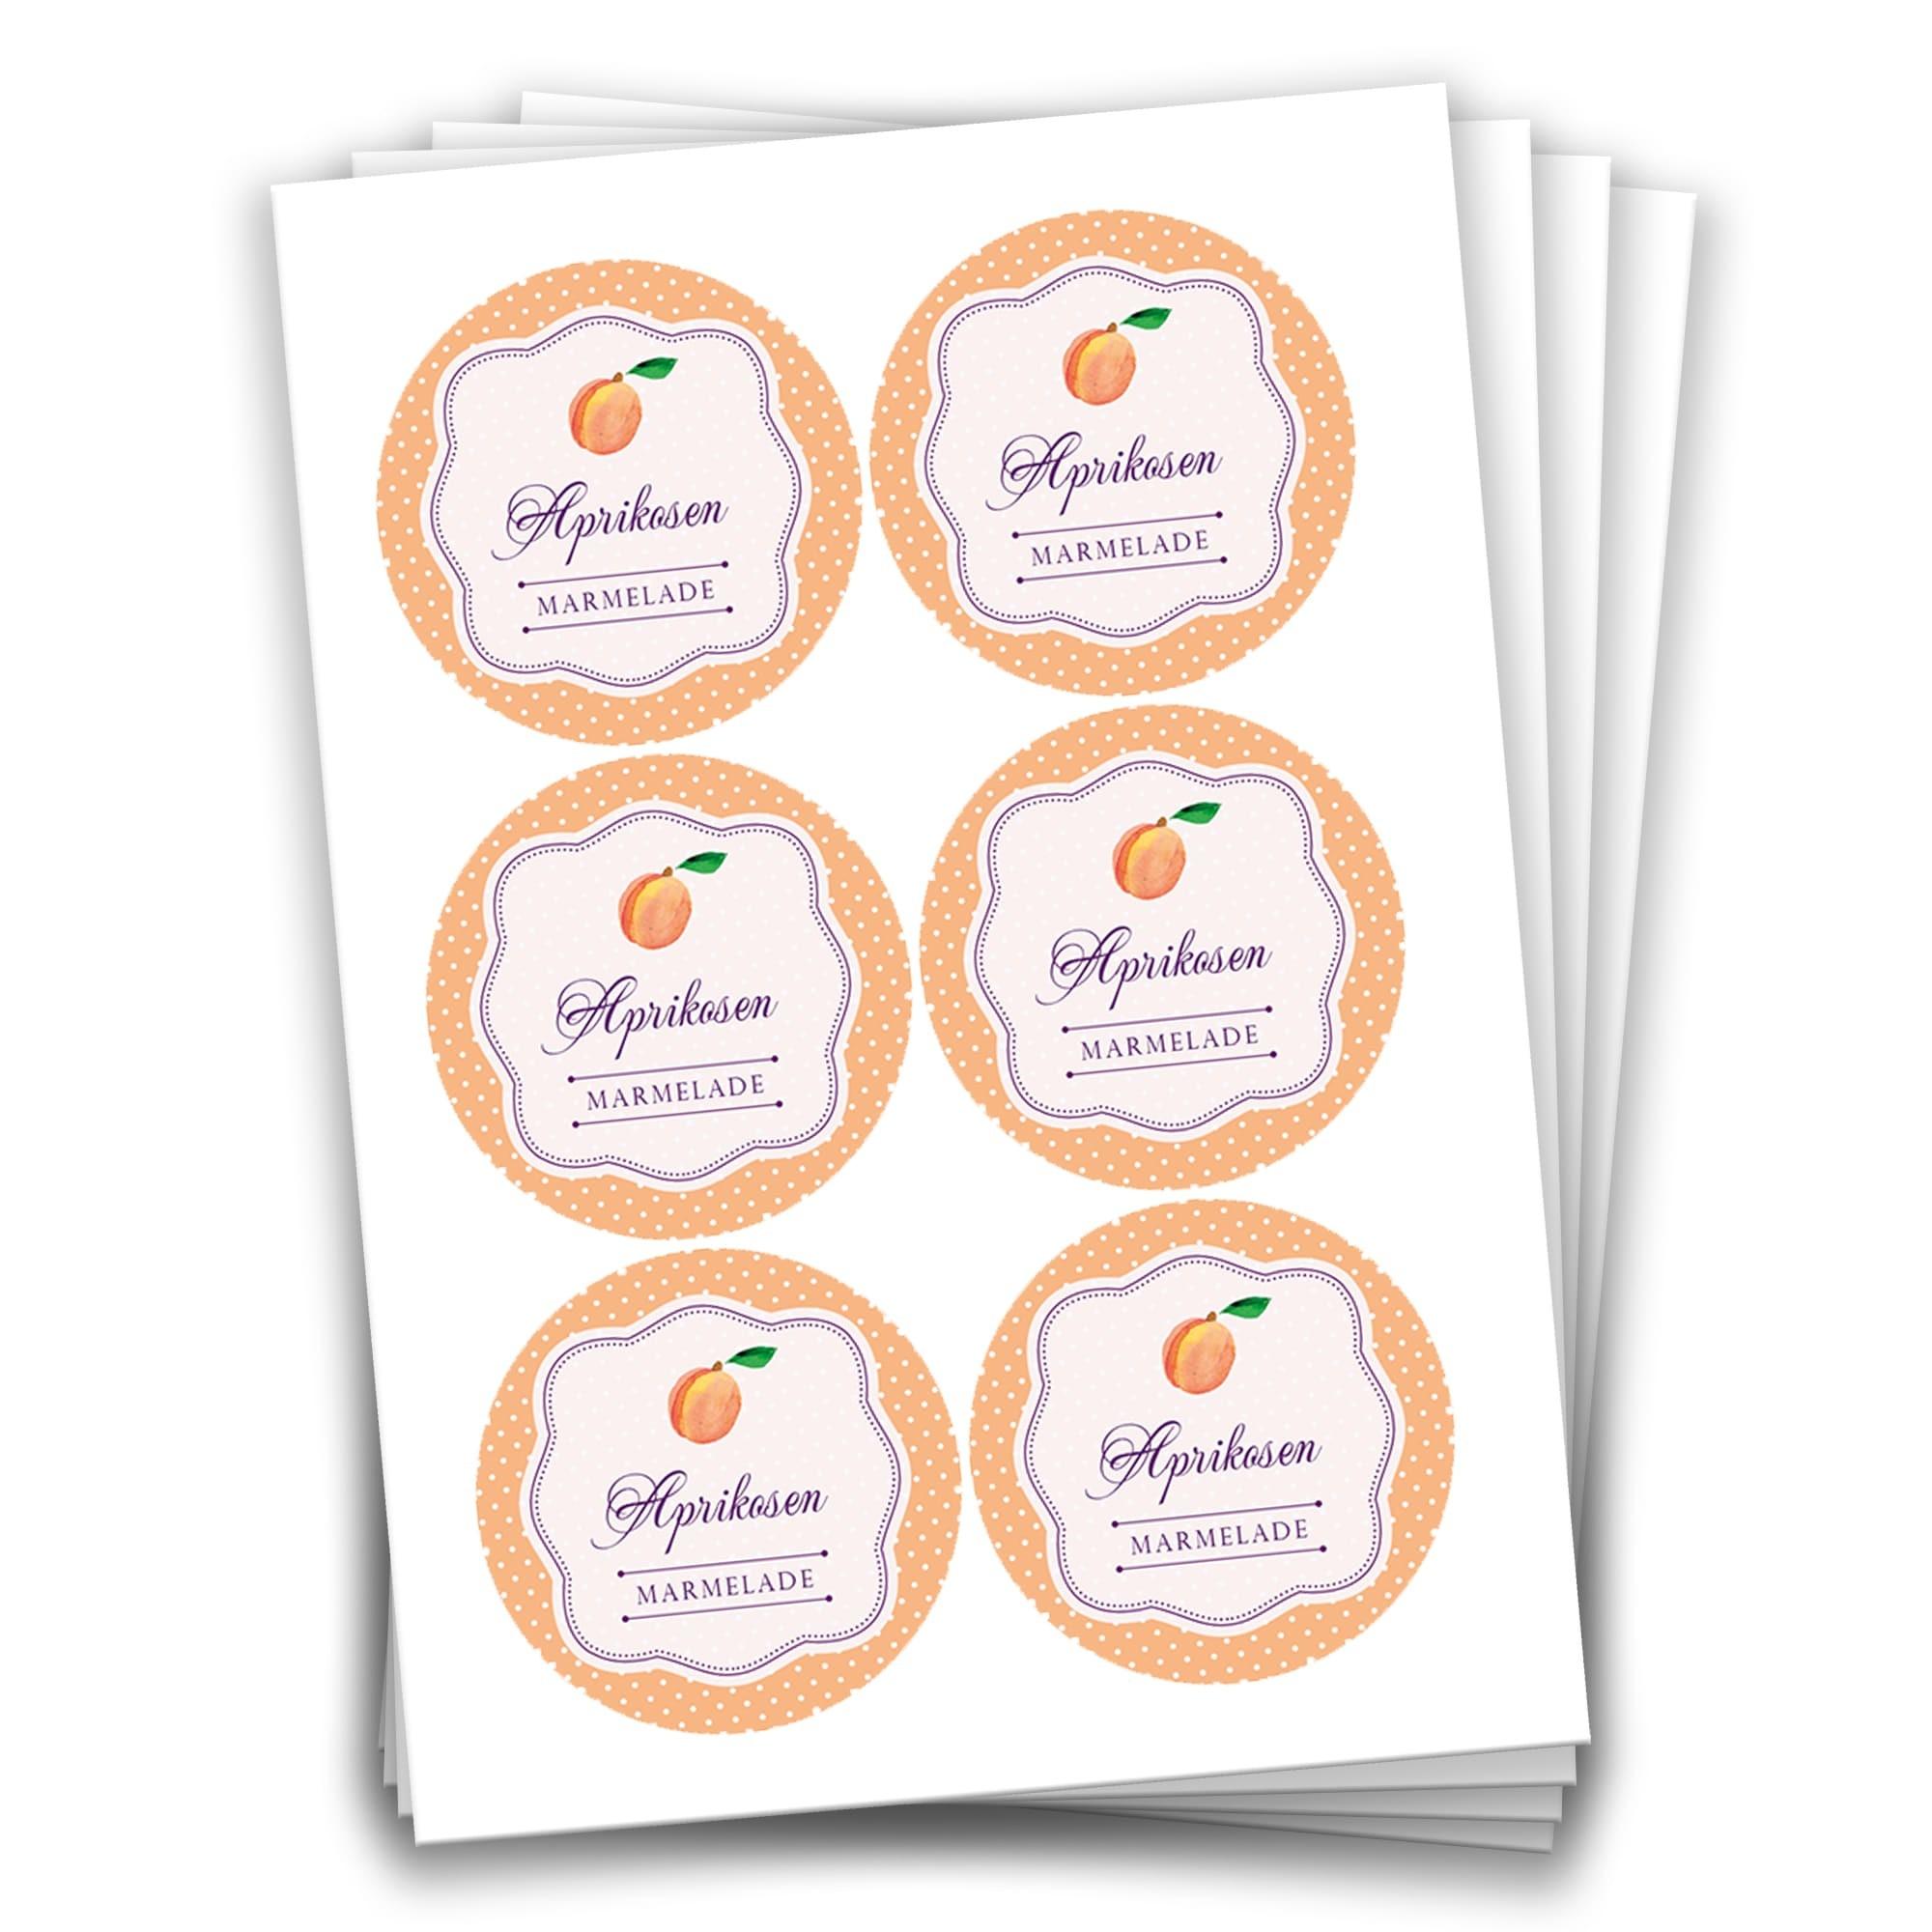 24 Aprikosen Marmeladensticker Design 16 Aufkleber 4 Cm Für Selbstgemachte Marmelade Zum Basteln Und Dekorieren